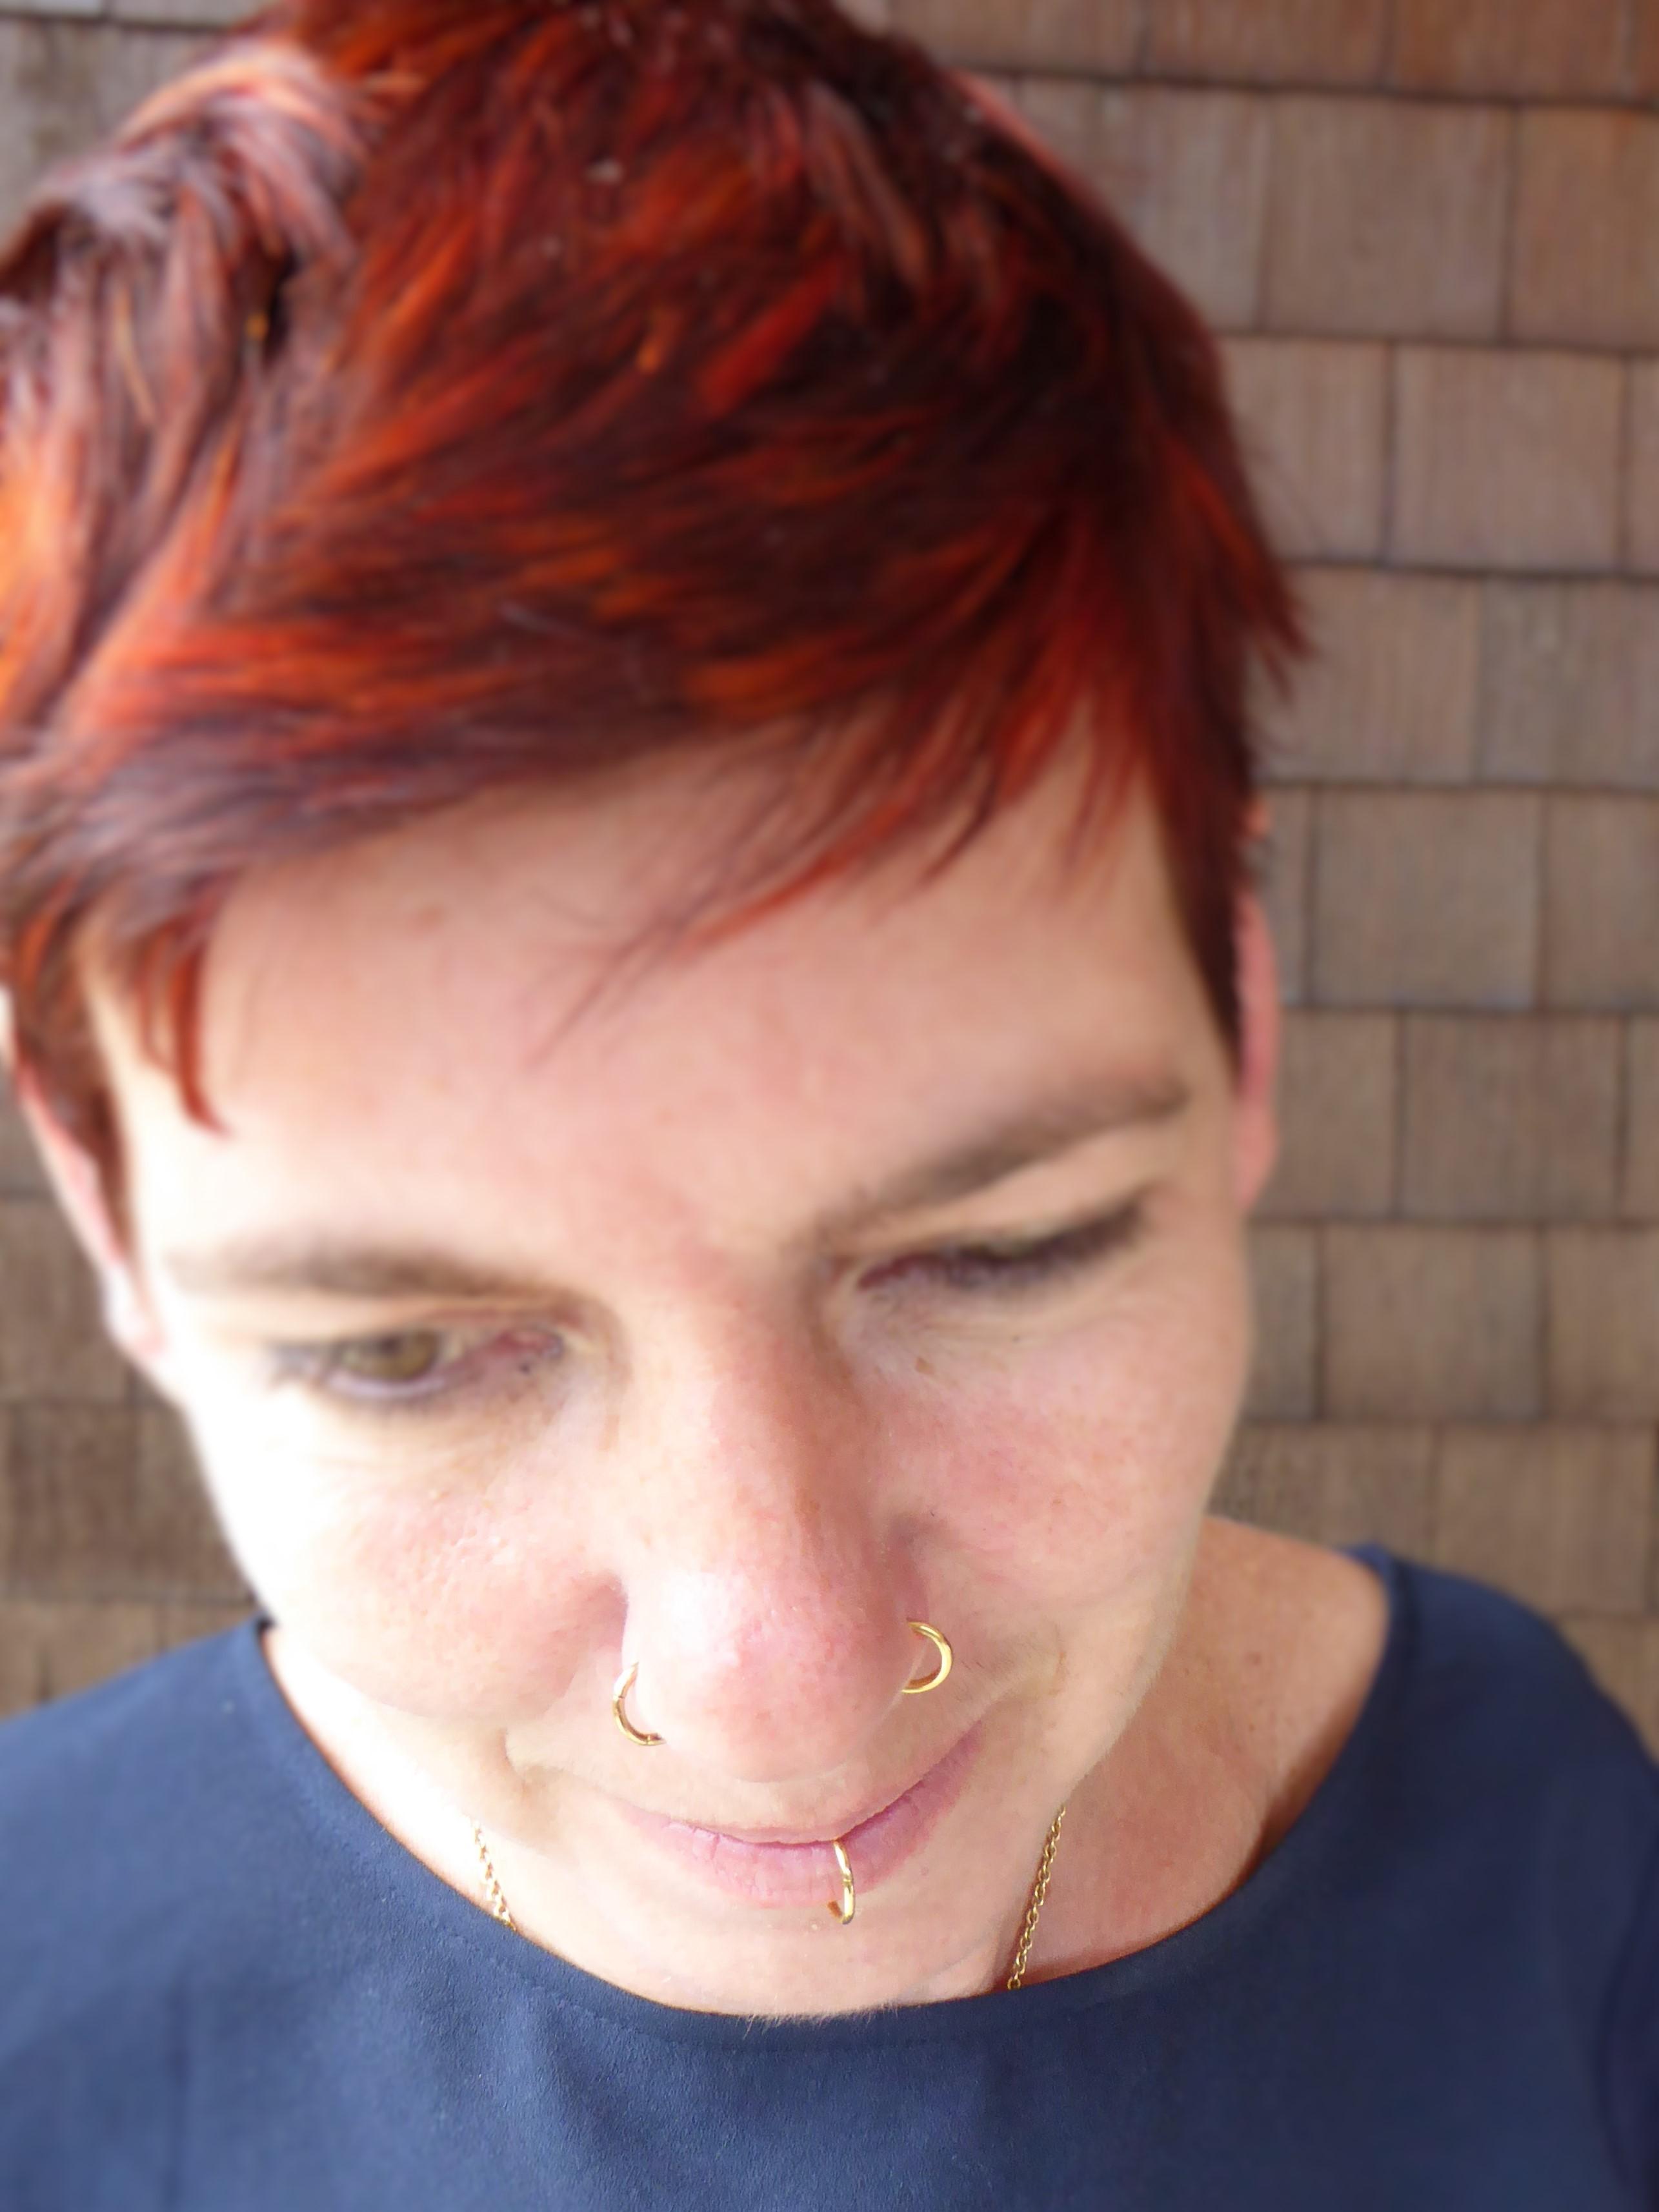 Piercing öffnen kugel Barbell (piercing)